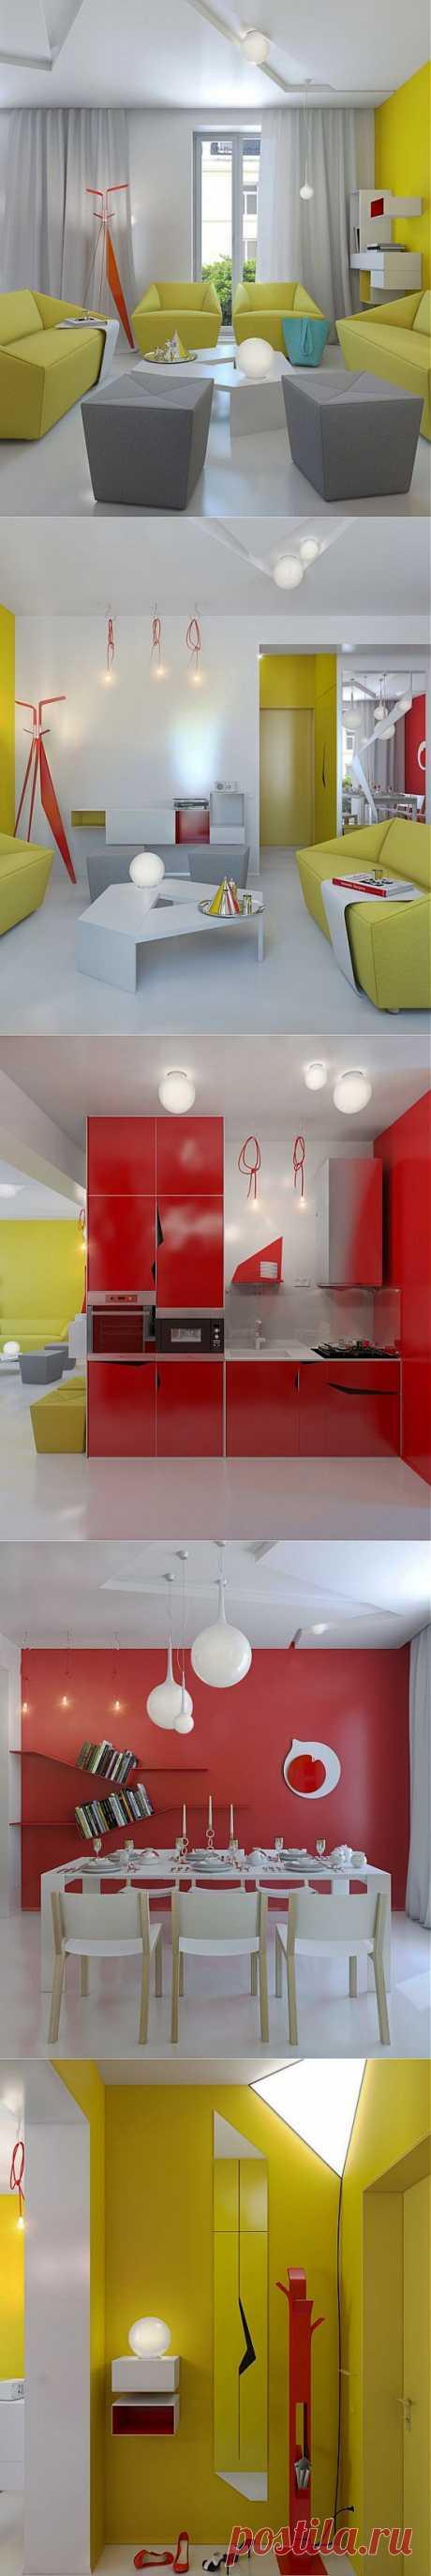 Яркий дизайн квартиры | МОЙ ДОМ